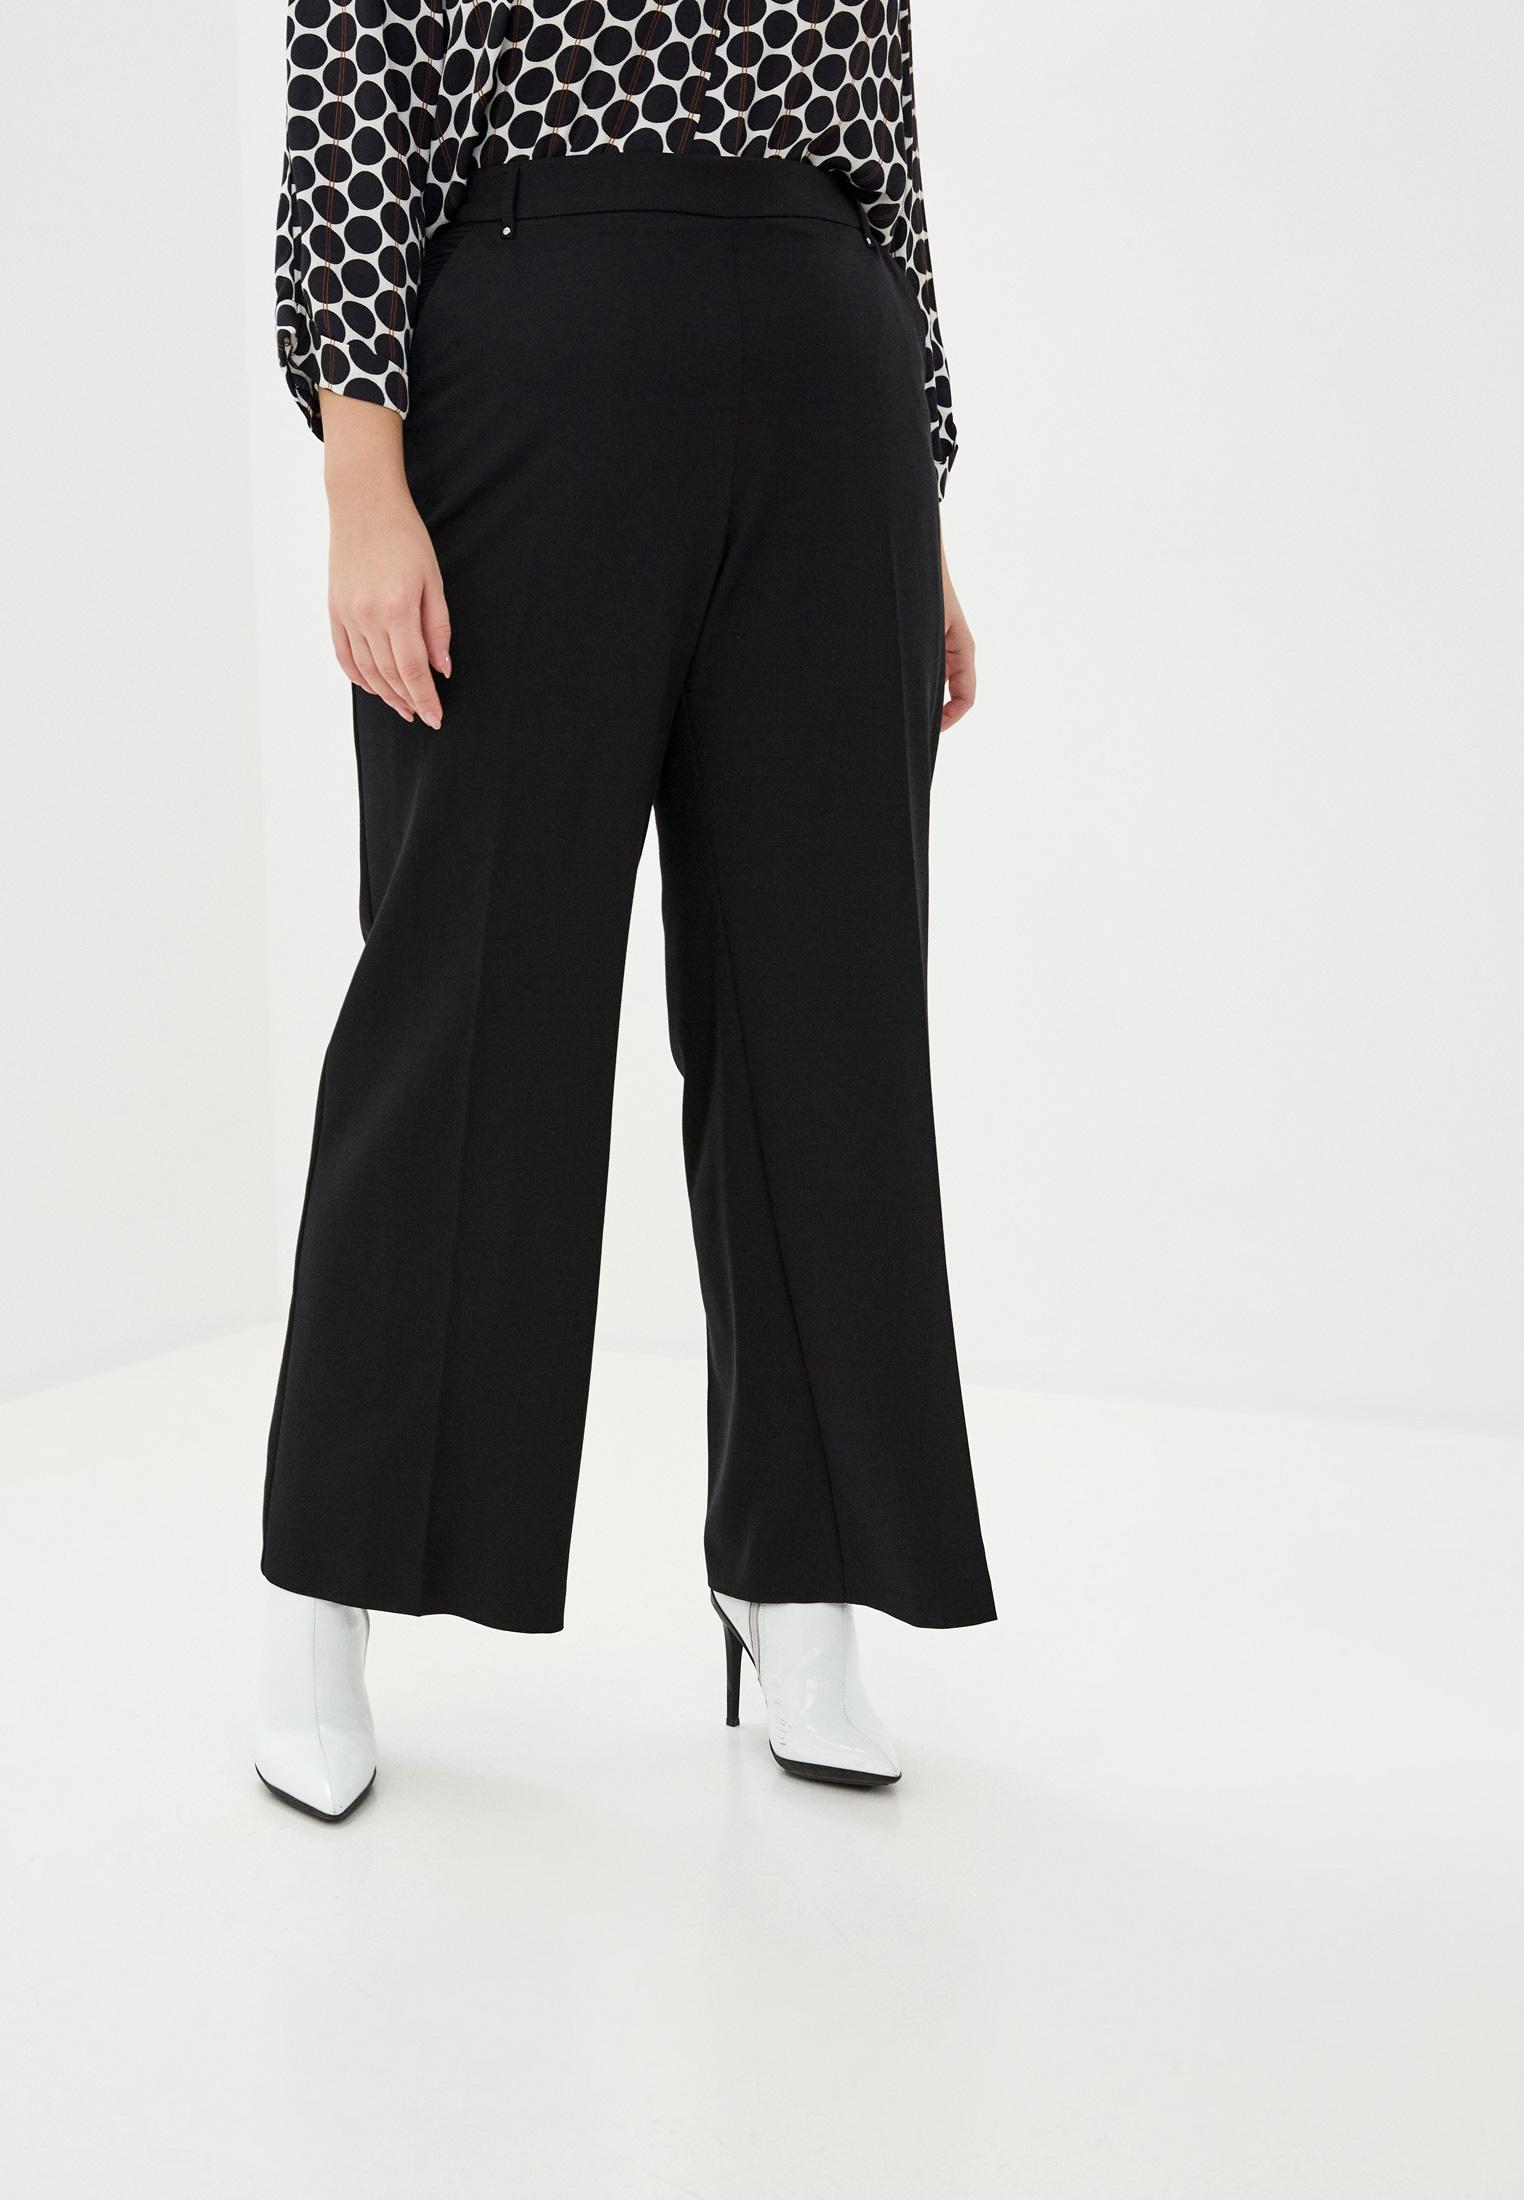 Женские прямые брюки Evans Брюки Evans